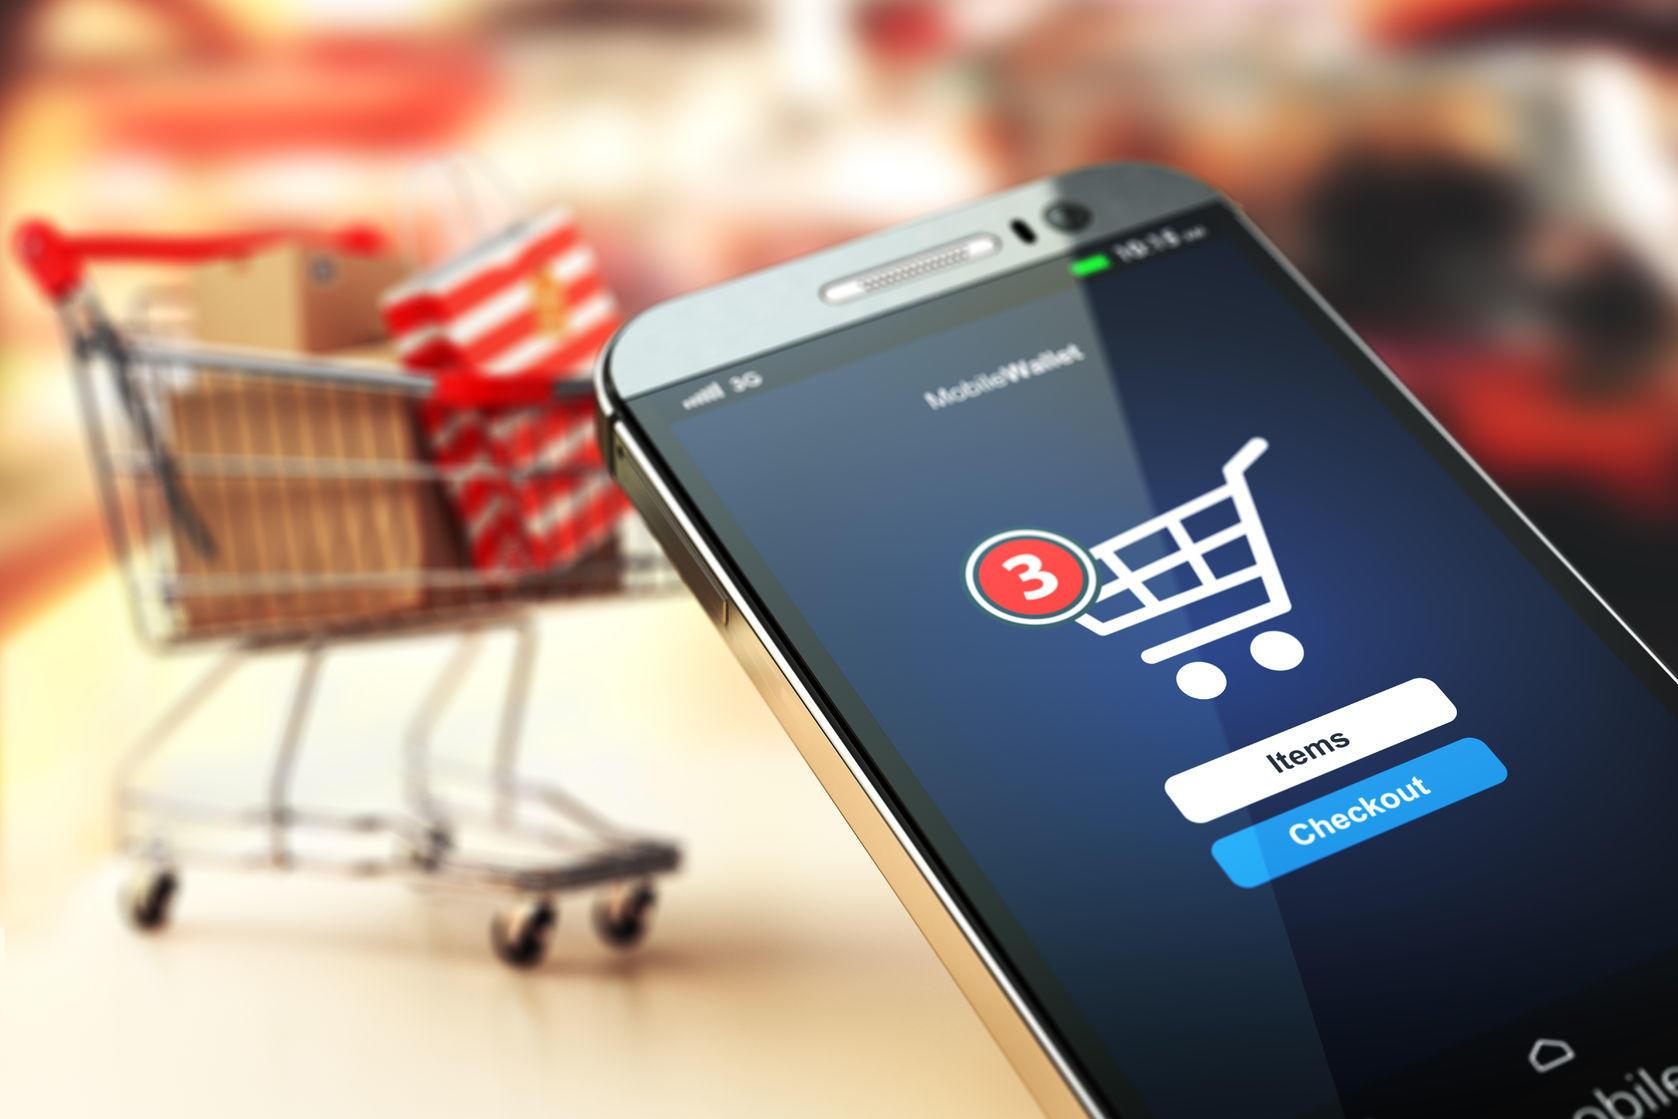 購買意欲を高めて売上に繋げる消費者心理